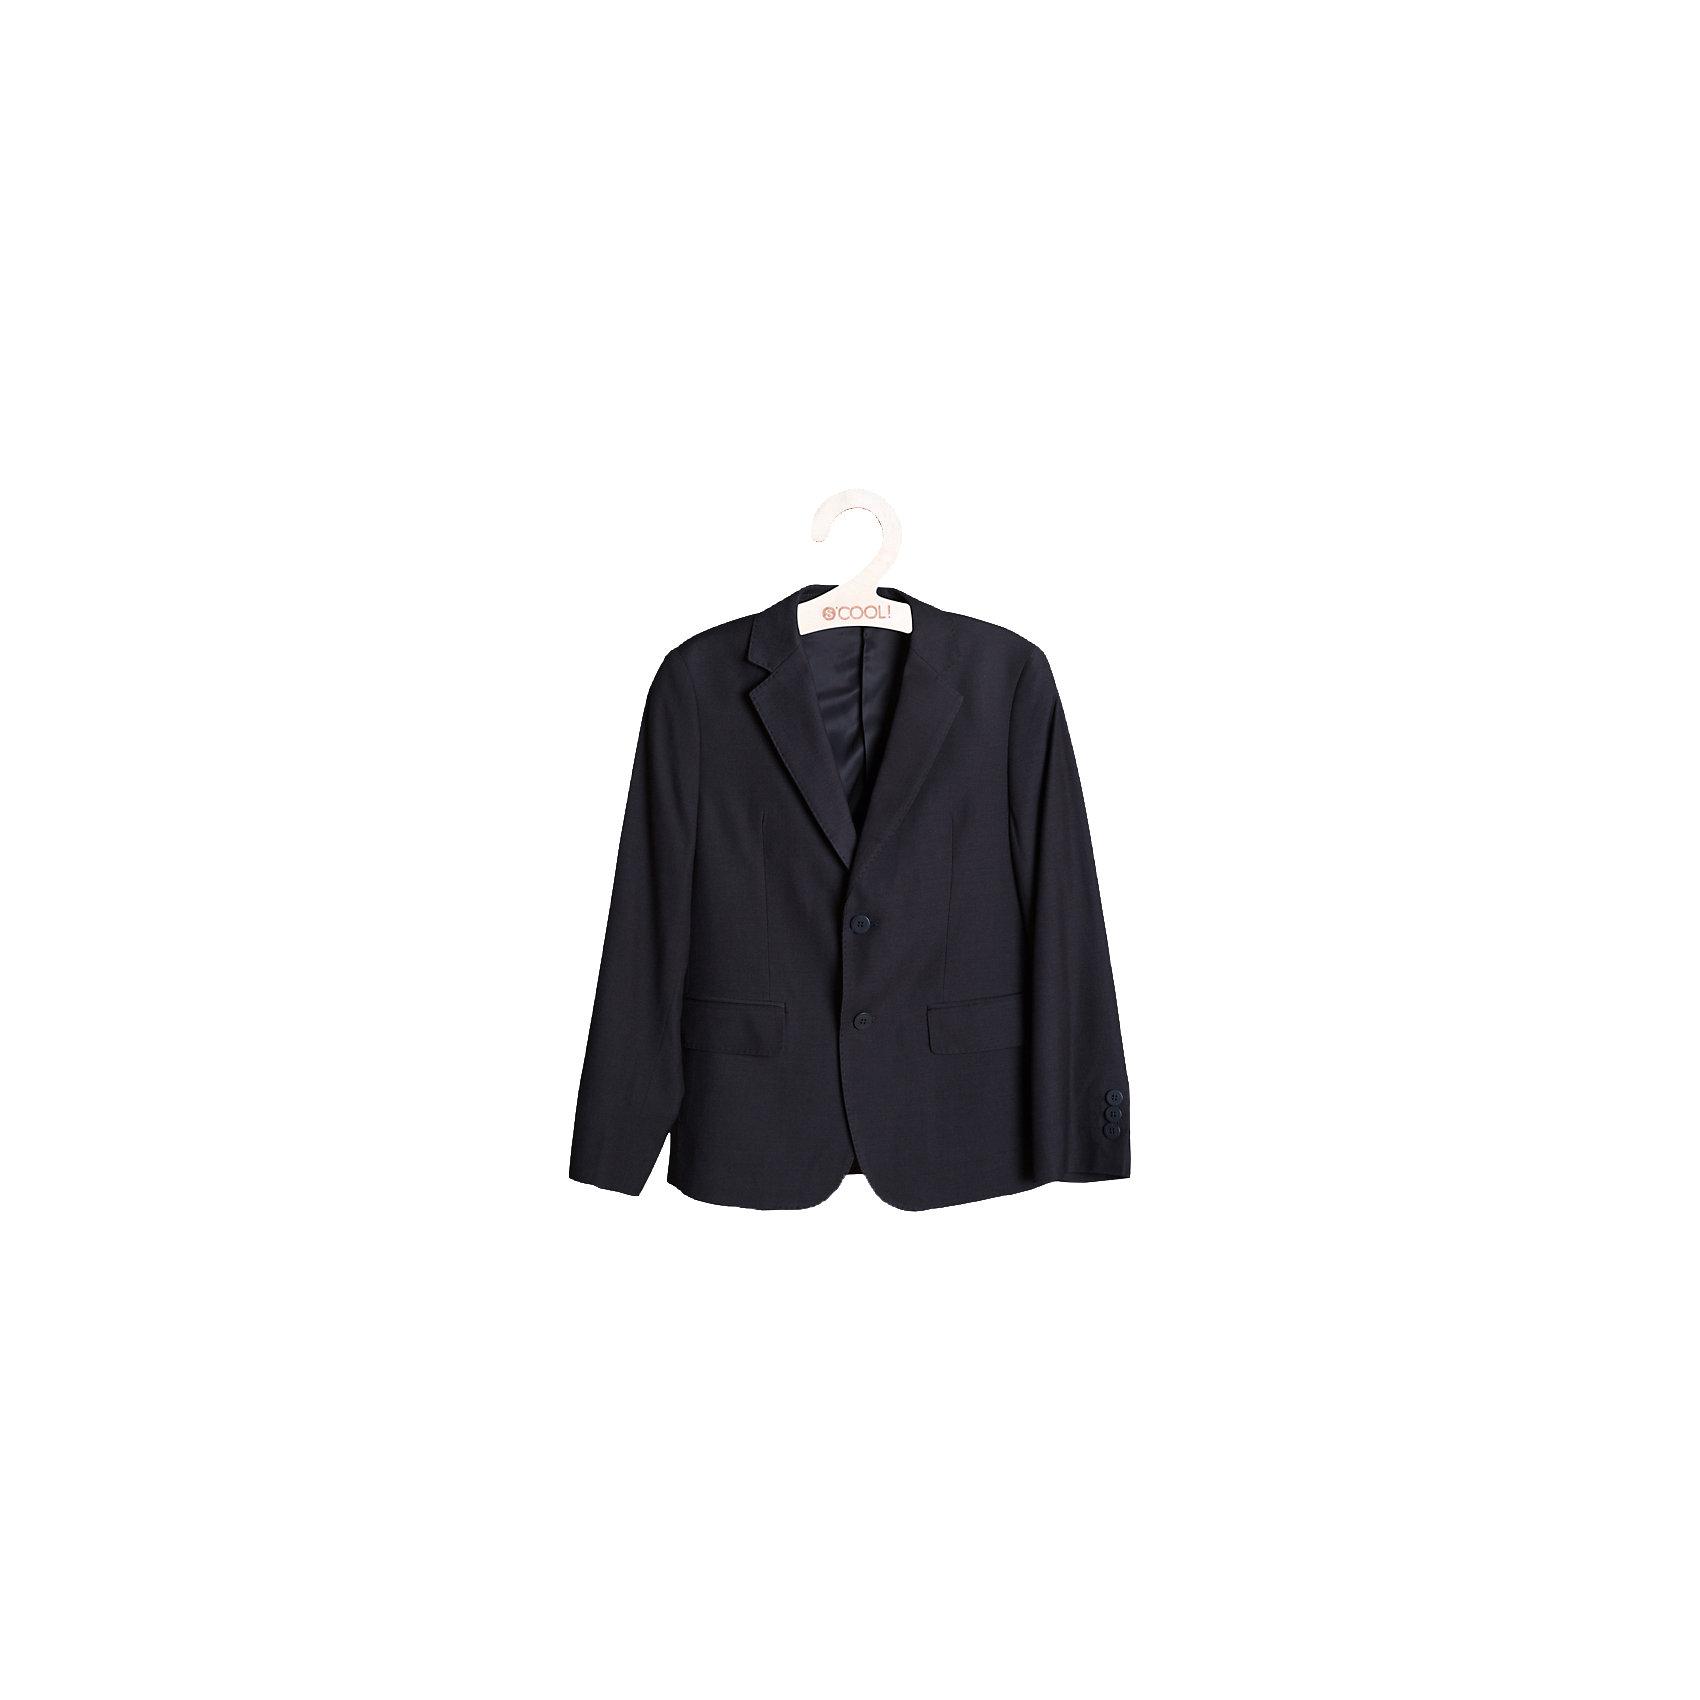 Пиджак для мальчика ScoolПиджаки и костюмы<br>Пиджак для мальчика от известной марки Scool.<br>* классический пиджак прямого кроя, выполненный из однотонного качественного материала<br> * отложной воротник с лацканом<br>* модель дополнена боковыми карманами с клапанами<br>* пиджак однобортный на двух пуговицах<br>* крой модели сохранил в себе все традиции производства классического пиджака<br>Состав:<br>Верх: 75% полиэстер, 35% вискоза, 8% шерсть,Подкладка: 65% полиэстер, 35% вискоза<br><br>Ширина мм: 356<br>Глубина мм: 10<br>Высота мм: 245<br>Вес г: 519<br>Цвет: серый<br>Возраст от месяцев: 144<br>Возраст до месяцев: 156<br>Пол: Мужской<br>Возраст: Детский<br>Размер: 158,164,134,152,140,128,146<br>SKU: 4140613